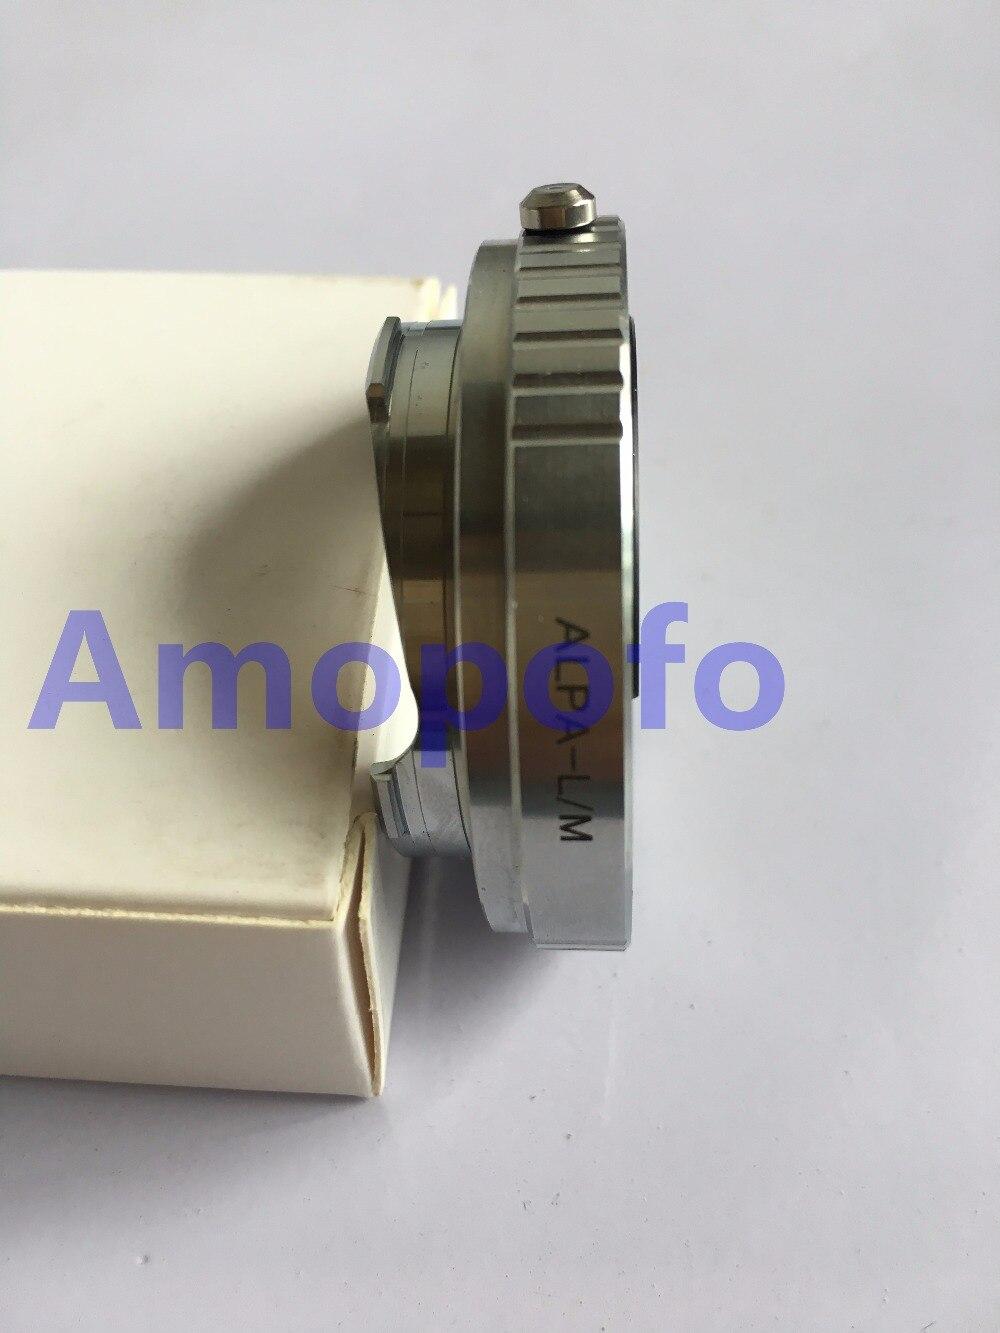 Amopofo, objectif de montage Alpa ALPA-LM pour adaptateur de montage Leica M L/M LM M5 M6 M7 M8 M9 M240 GXR